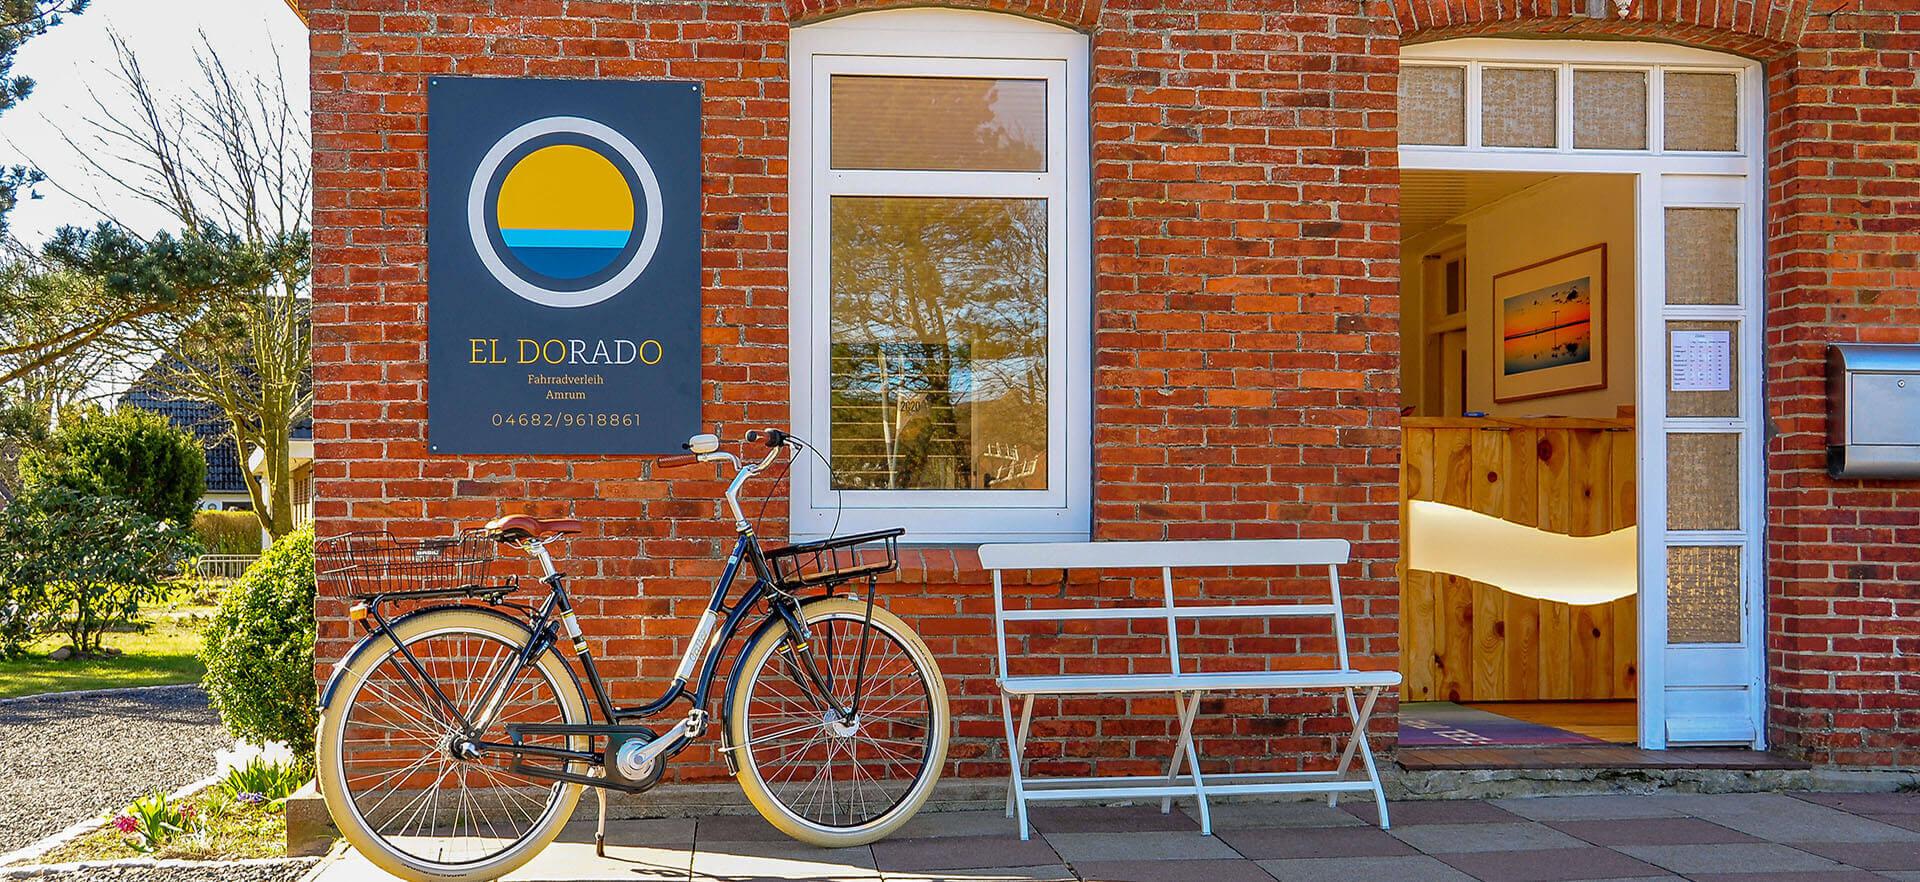 Fahrradverleih Amrum Eldorado Norddorf Fahrrad mieten leihen E Bike E Fahrrad Himmel blau Außenansicht Taft Nebel Wittdün Süddorf Steenodde Gebäude